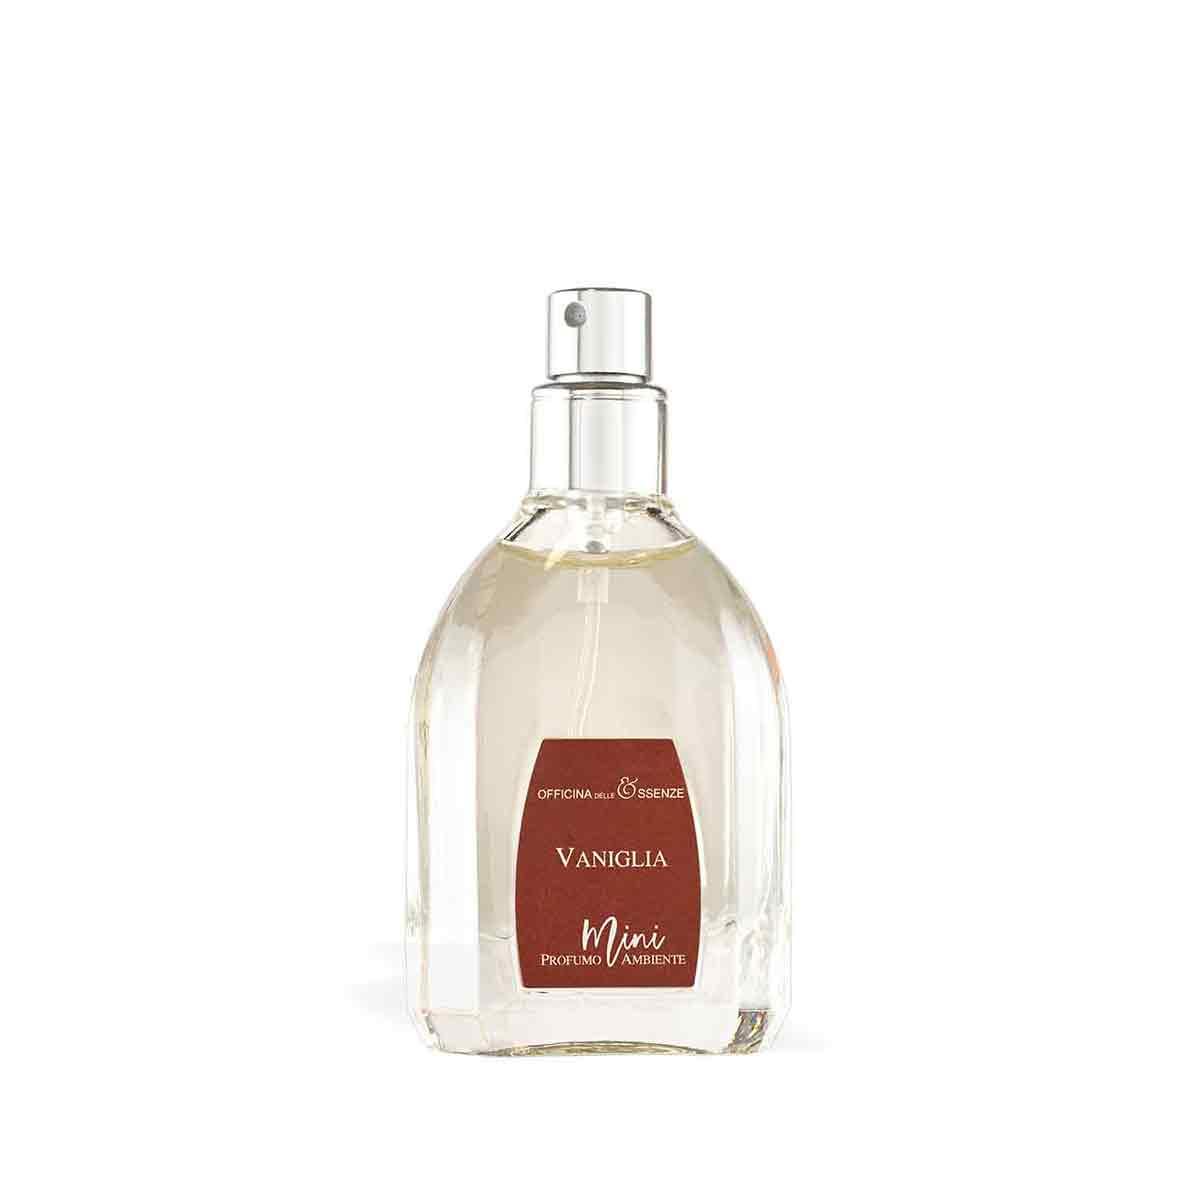 Mini profumo ambiente di Vaniglia da 25 ml